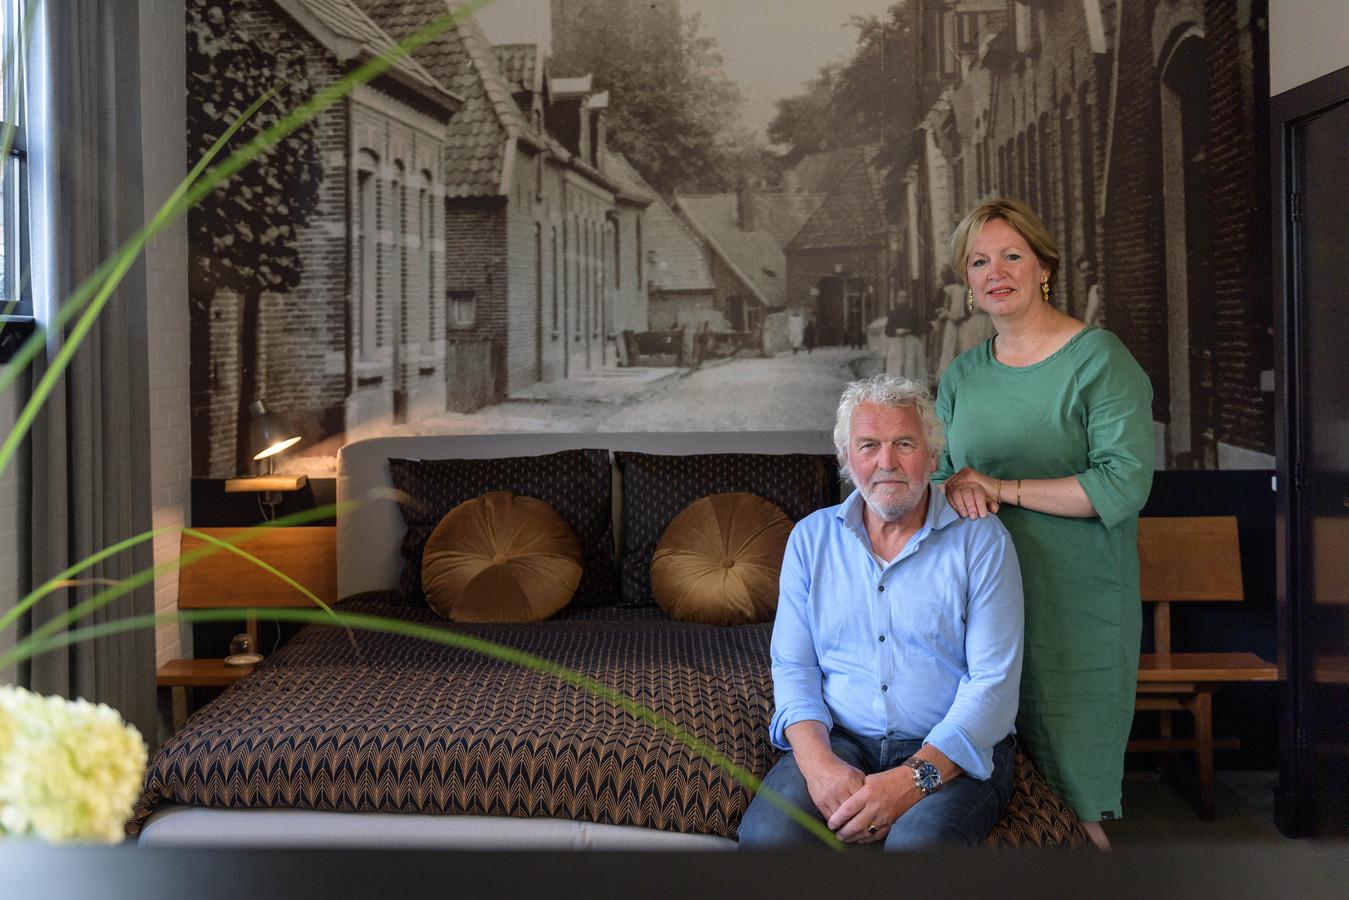 Henk Slagman en Monique Meijer bij het bed in hun gastenverblijf.